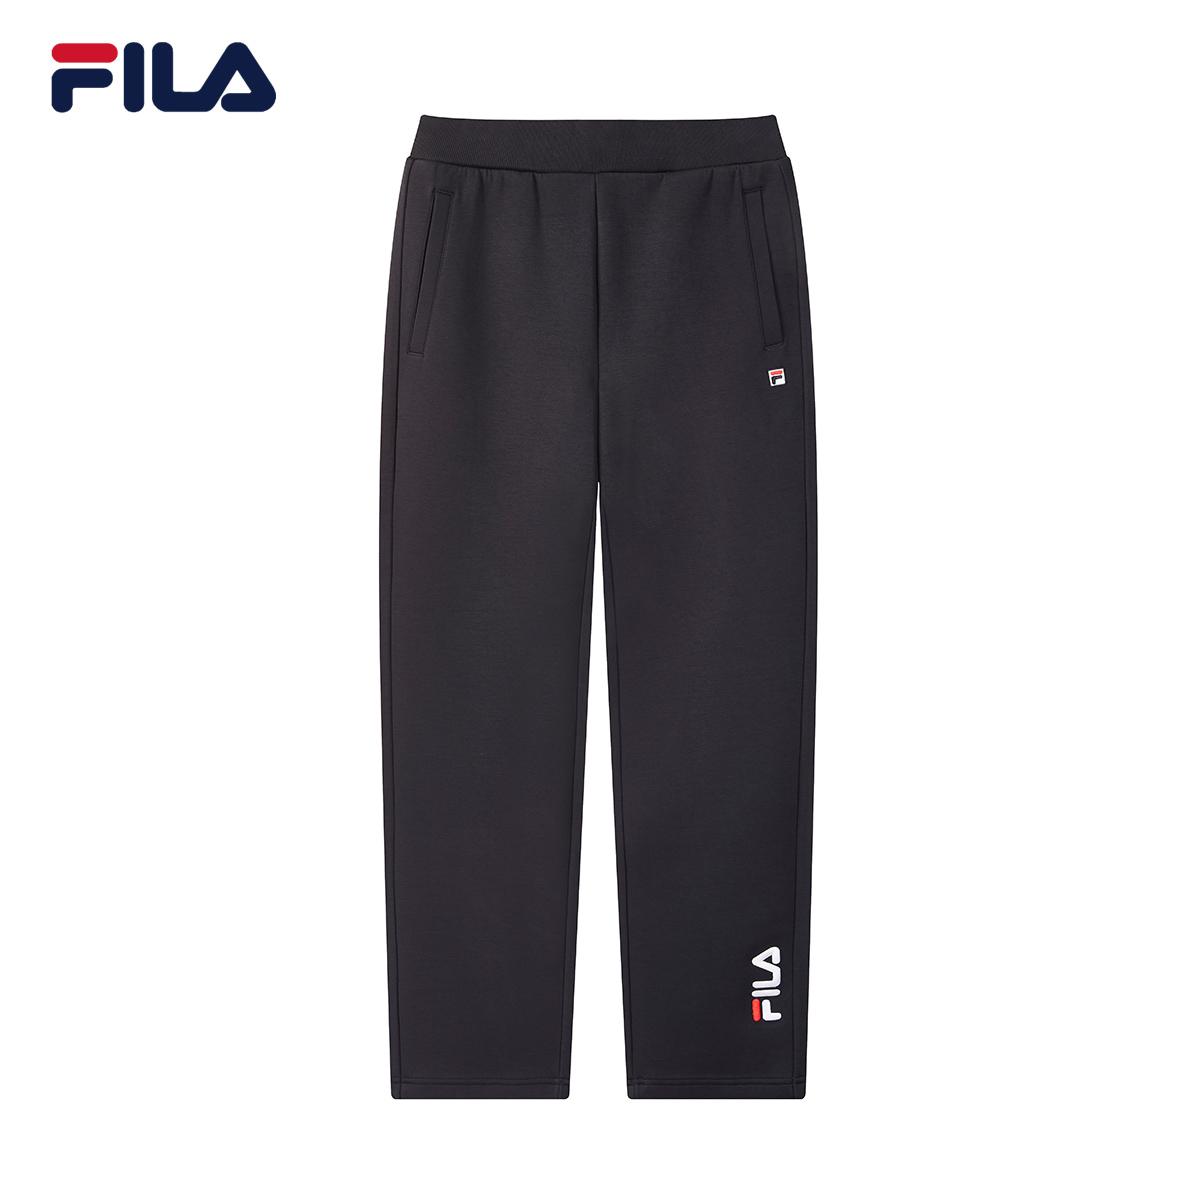 Fila/斐乐2020秋季新品男士针织长裤F11M048624F